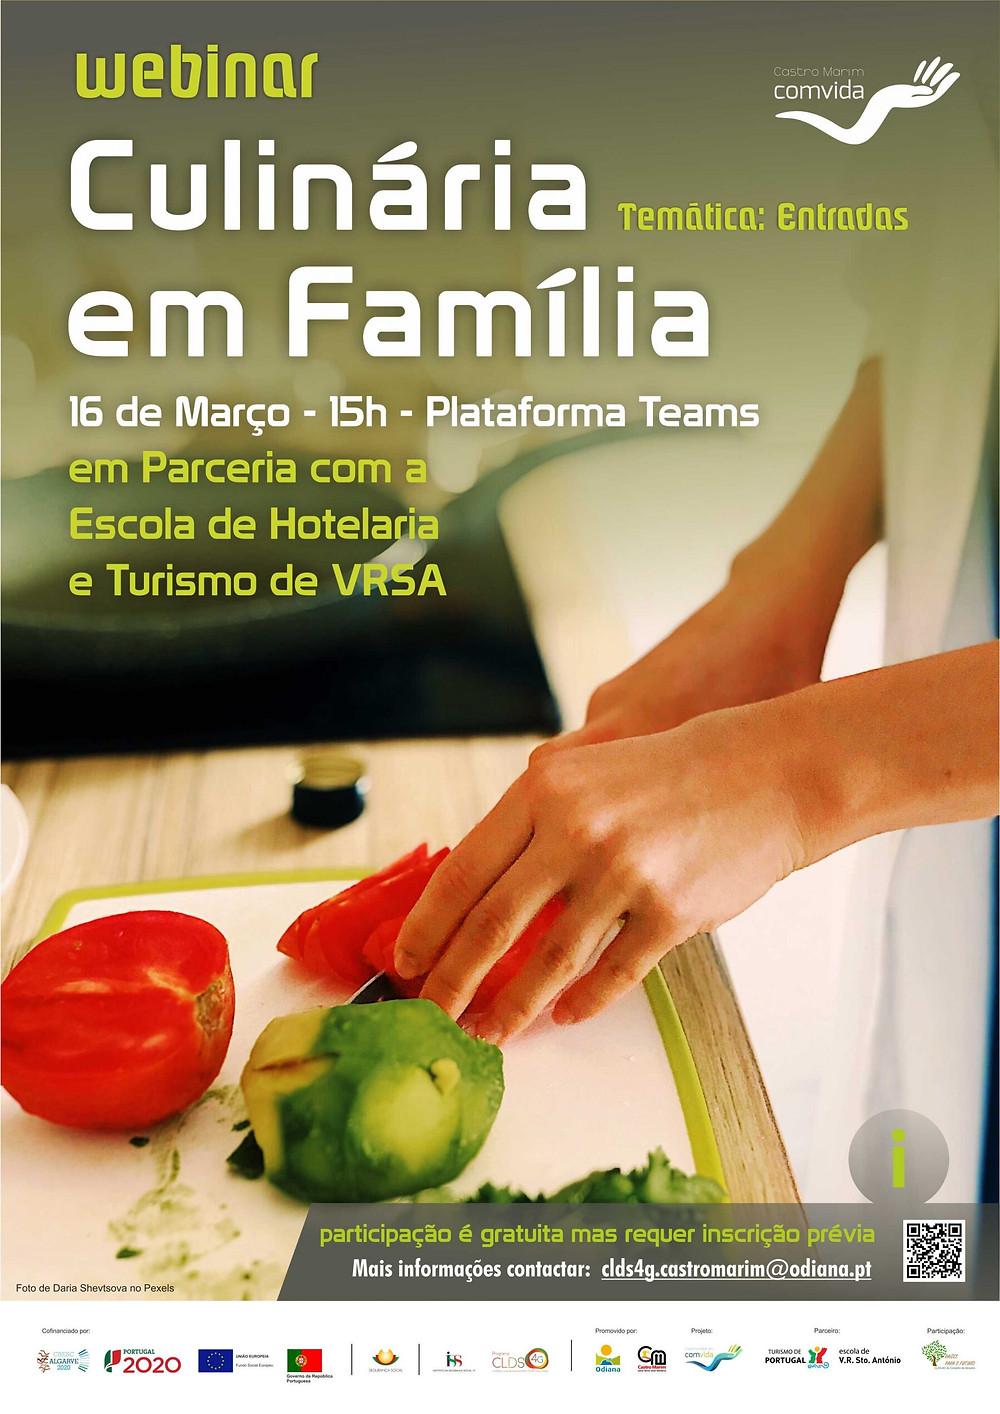 cozinhar, alimentação saudável, dieta mediterrânica, algarve, Castro Marim, odiana